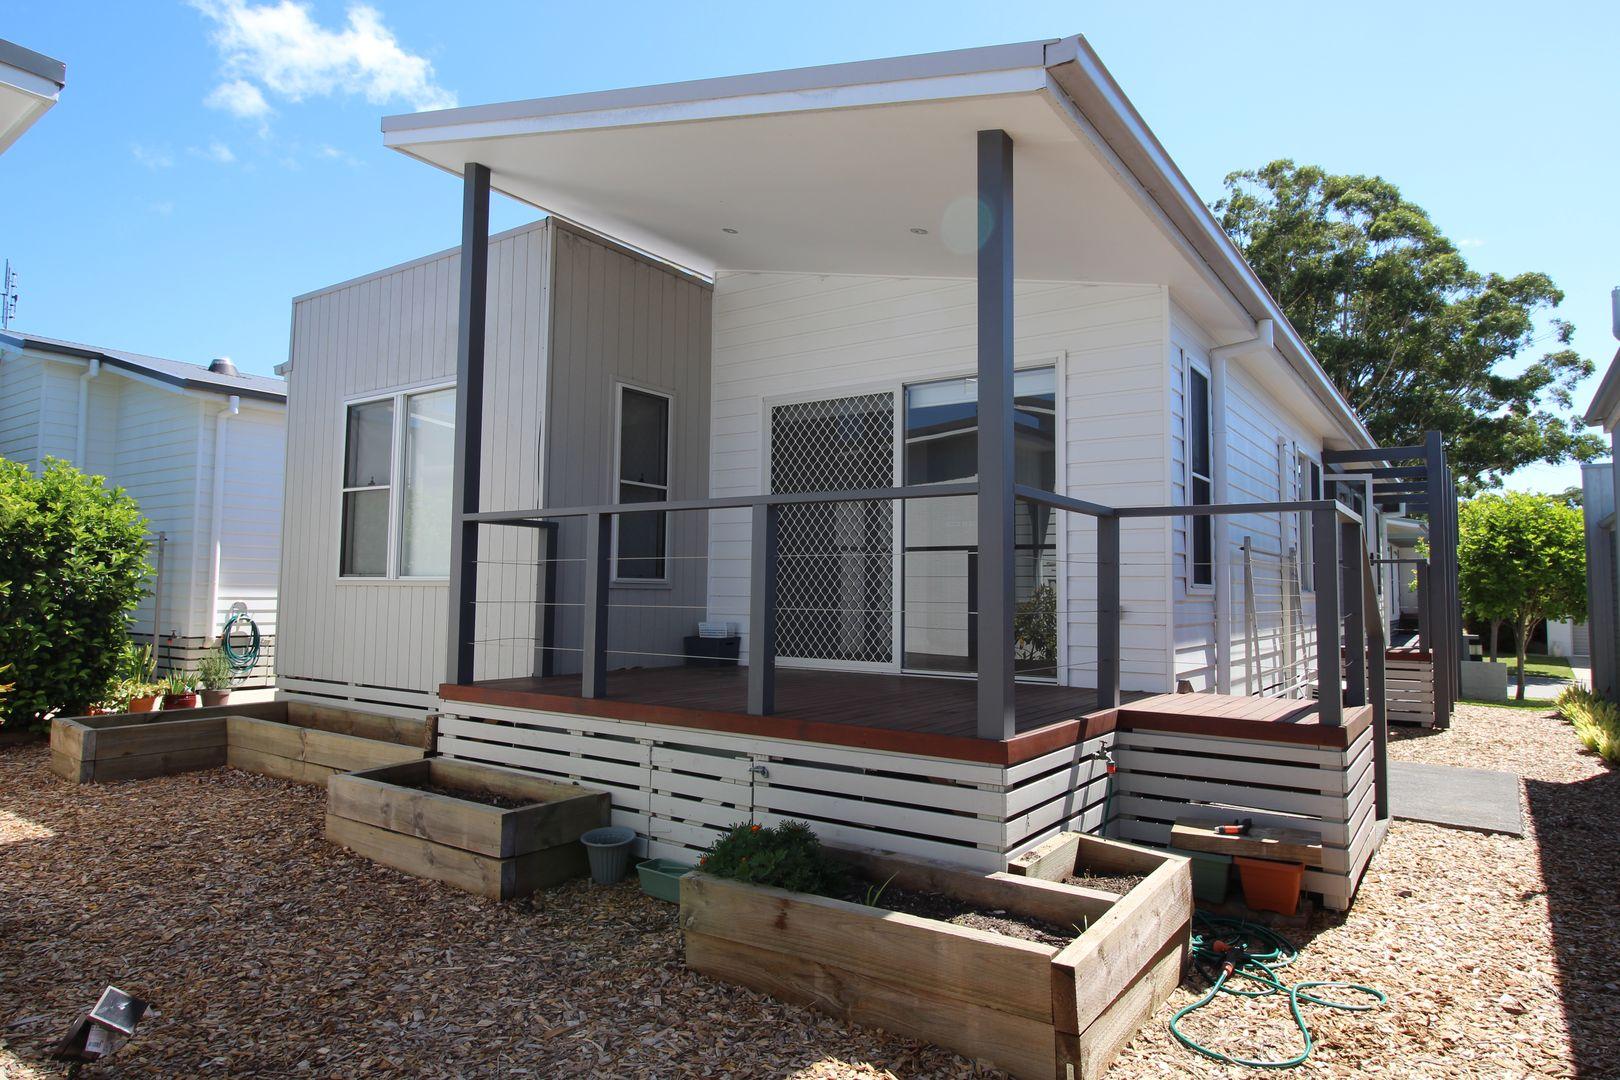 9/33 Karalta Road, Greenlife , Erina NSW 2250, Image 1